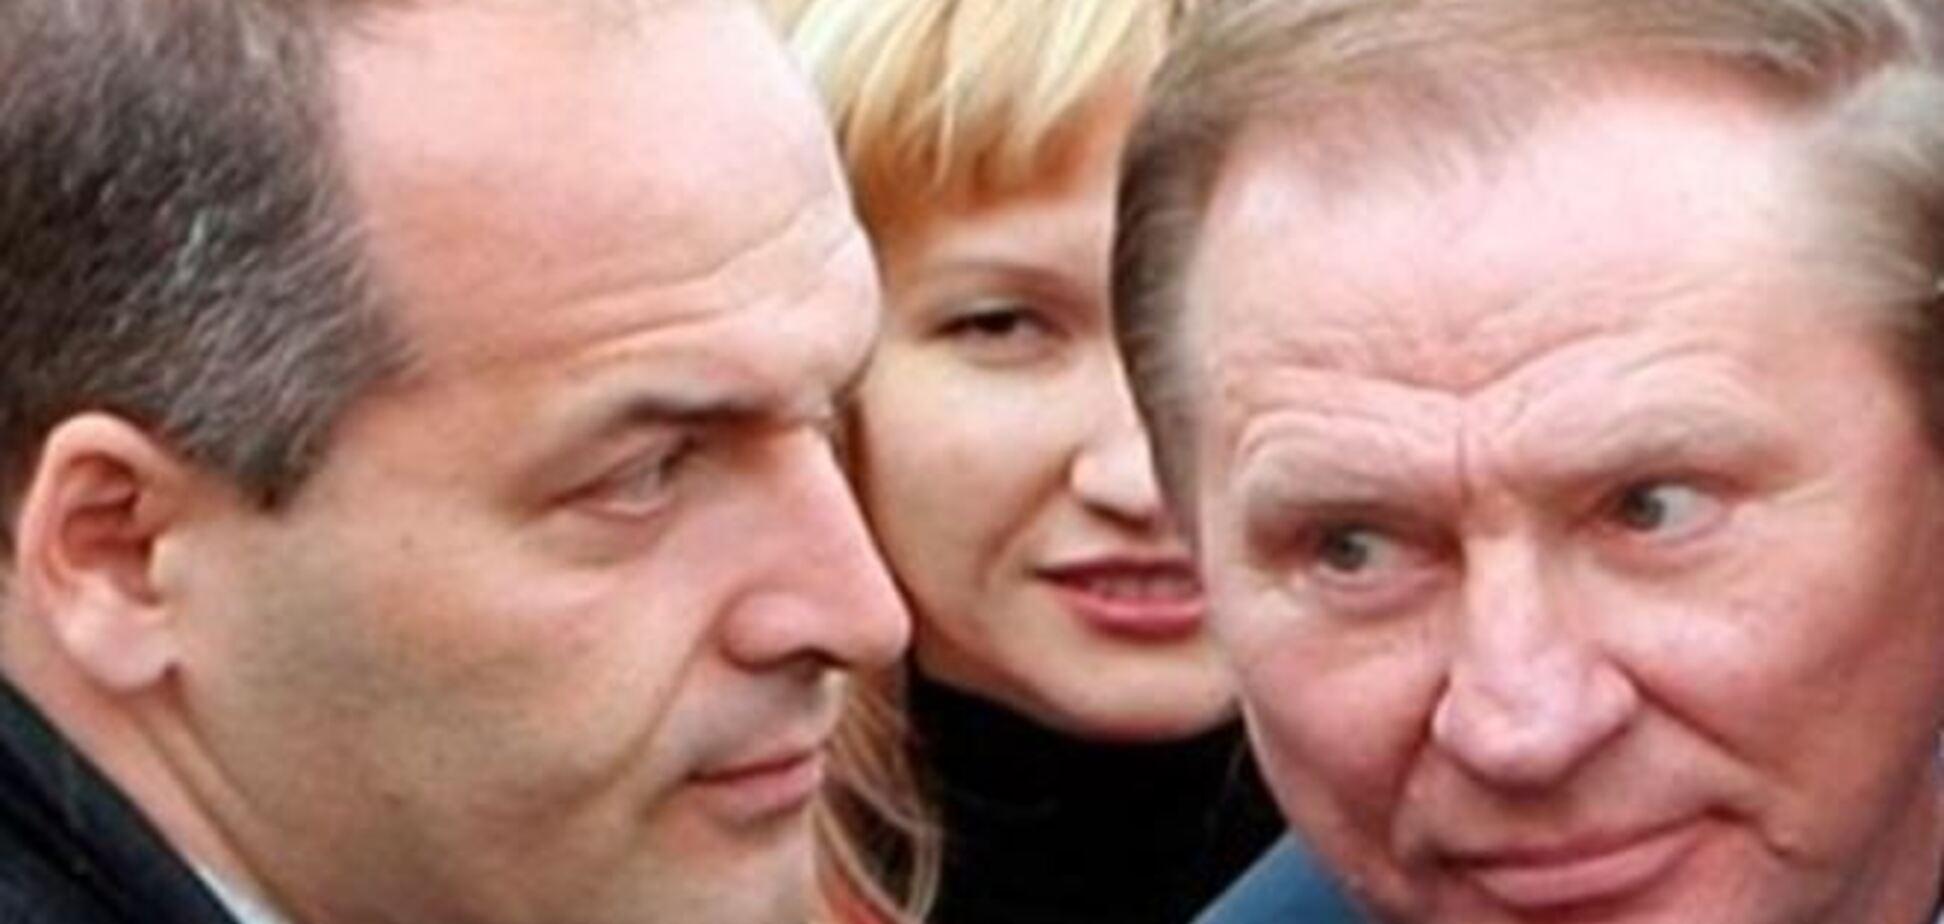 Криминальная и сексуальная интрига украинского бизнеса раскрыта в Высоком суде Англии